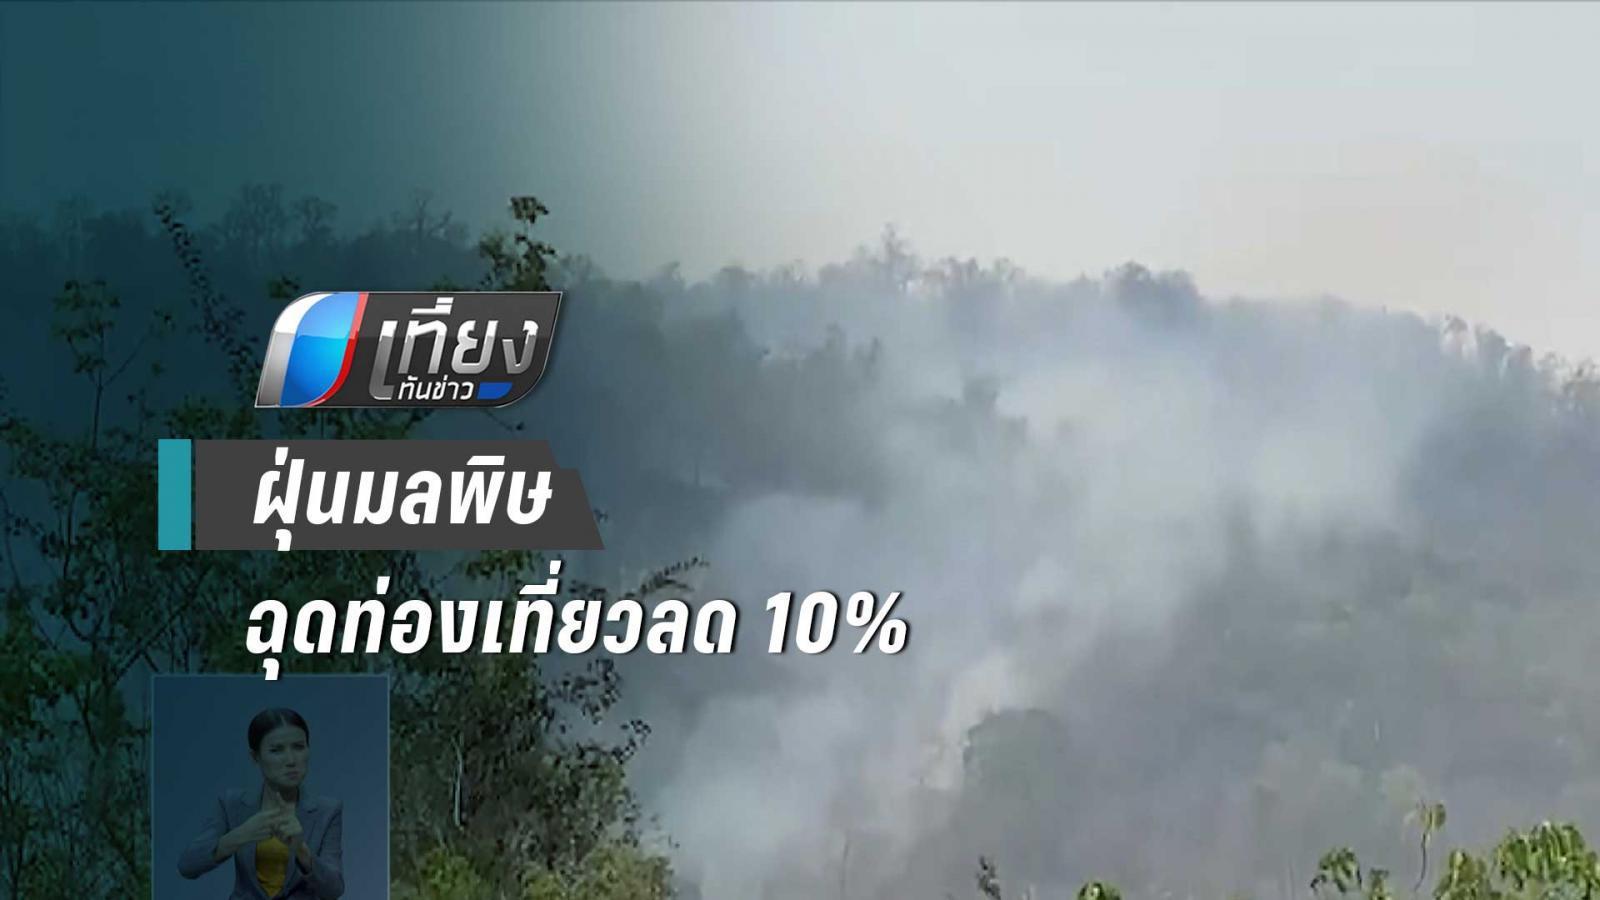 ททท.เผยปัญหาฝุ่นมลพิษภาคเหนือ ฉุดท่องเที่ยวลด 10%   สูญรายได้ 2,000 ล้านบาท